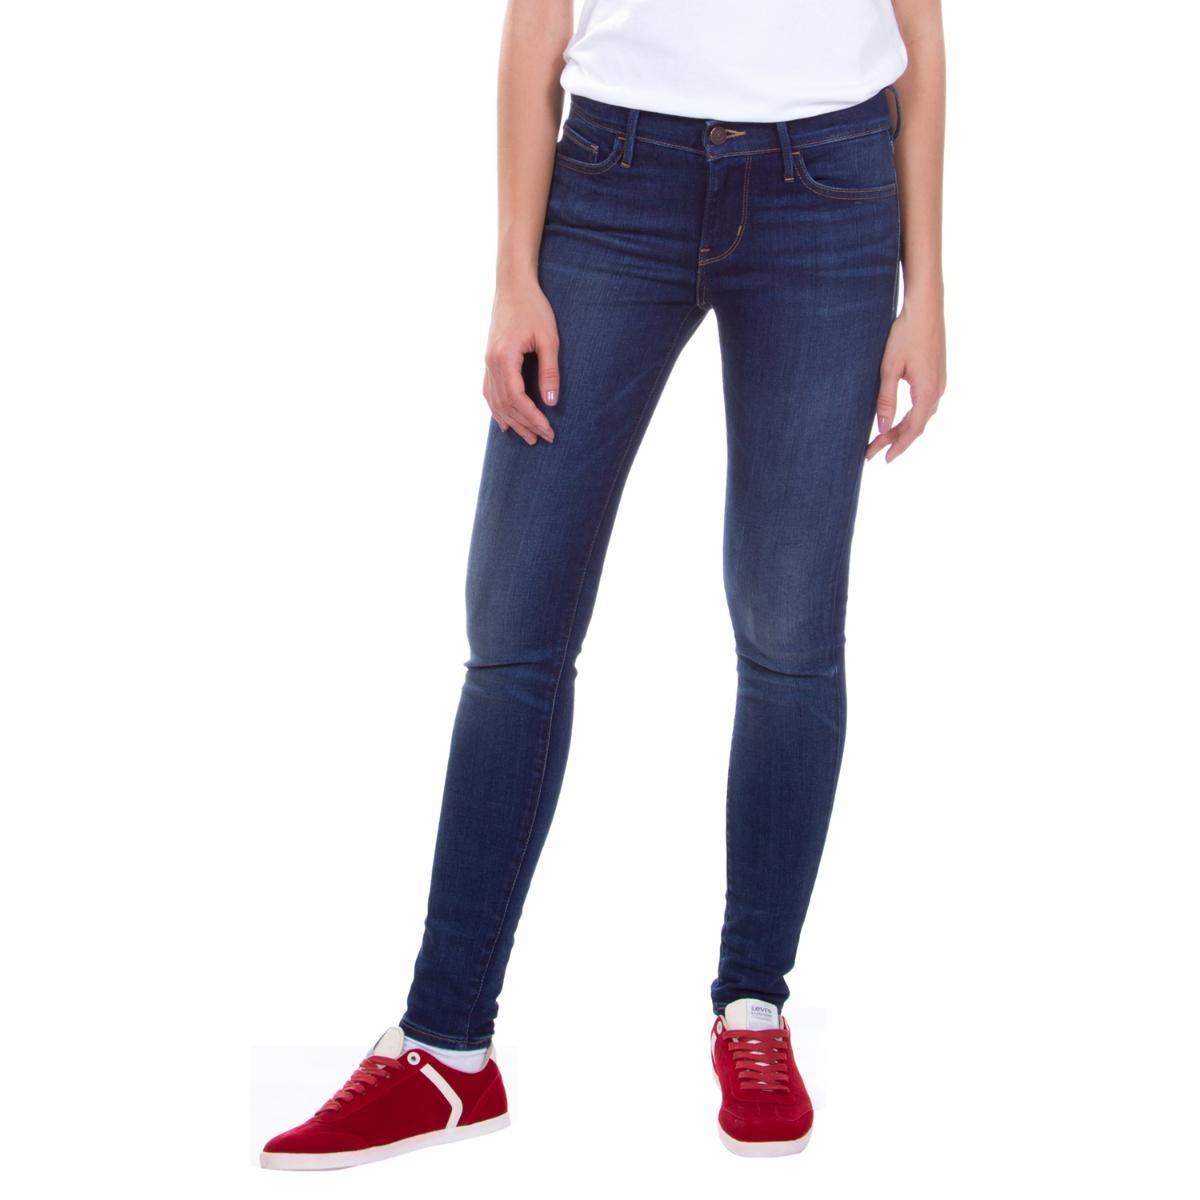 calça jeans levis feminina 710 super skinny azul. Carregando zoom. bdbac0138f7